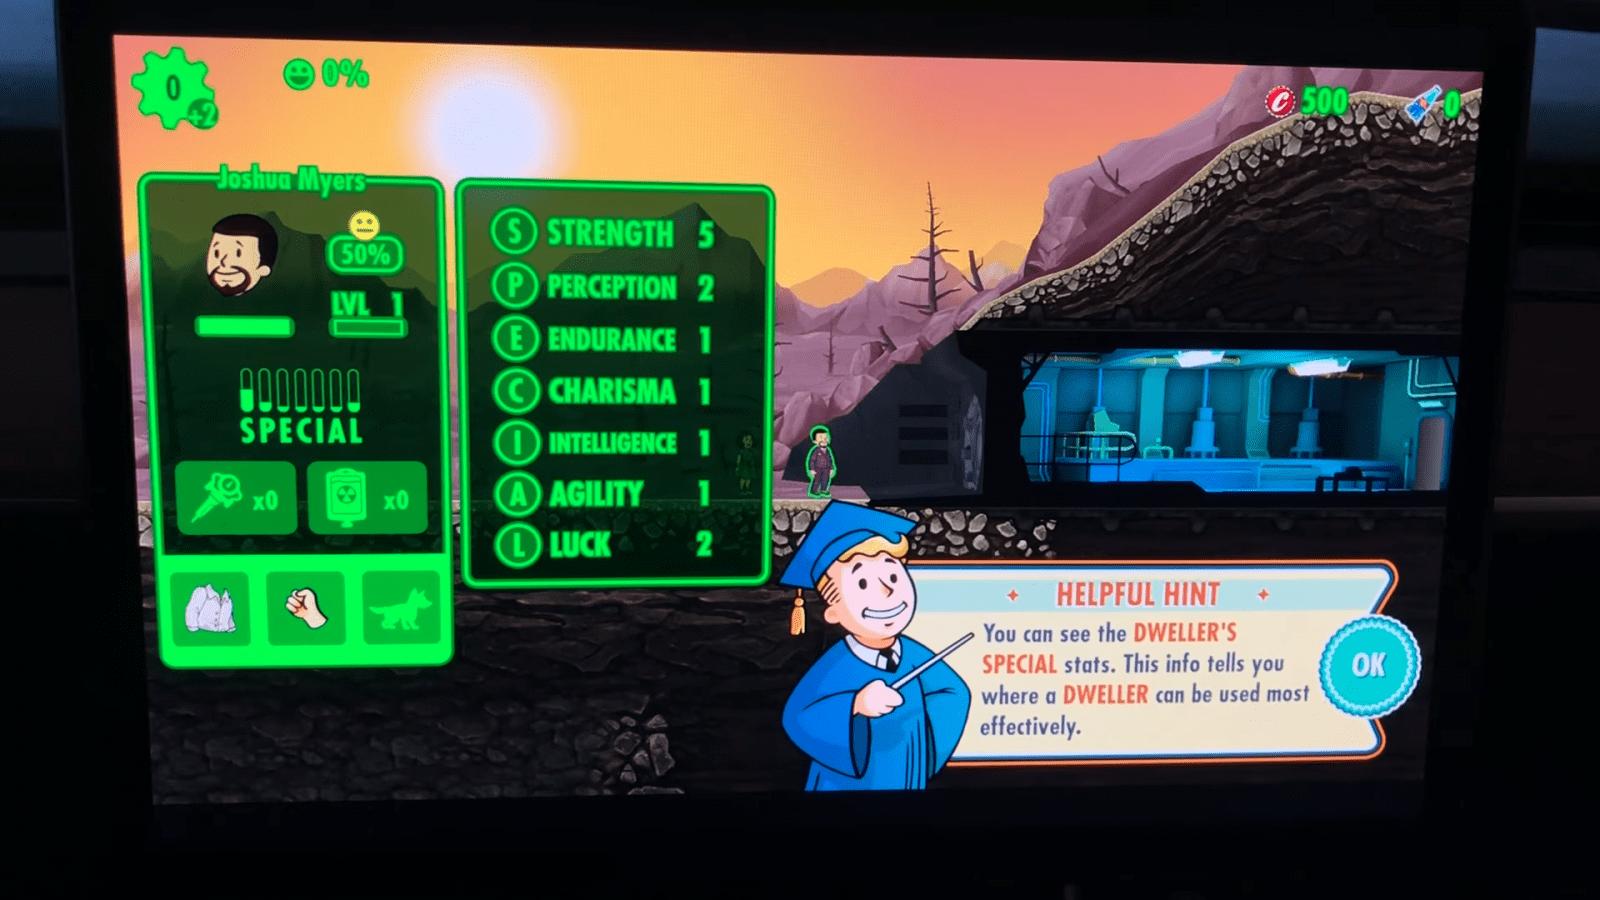 Игра Fallout Shelter появилась в автомобилях Tesla (screenshot from 2020 05 23 13 19 38)